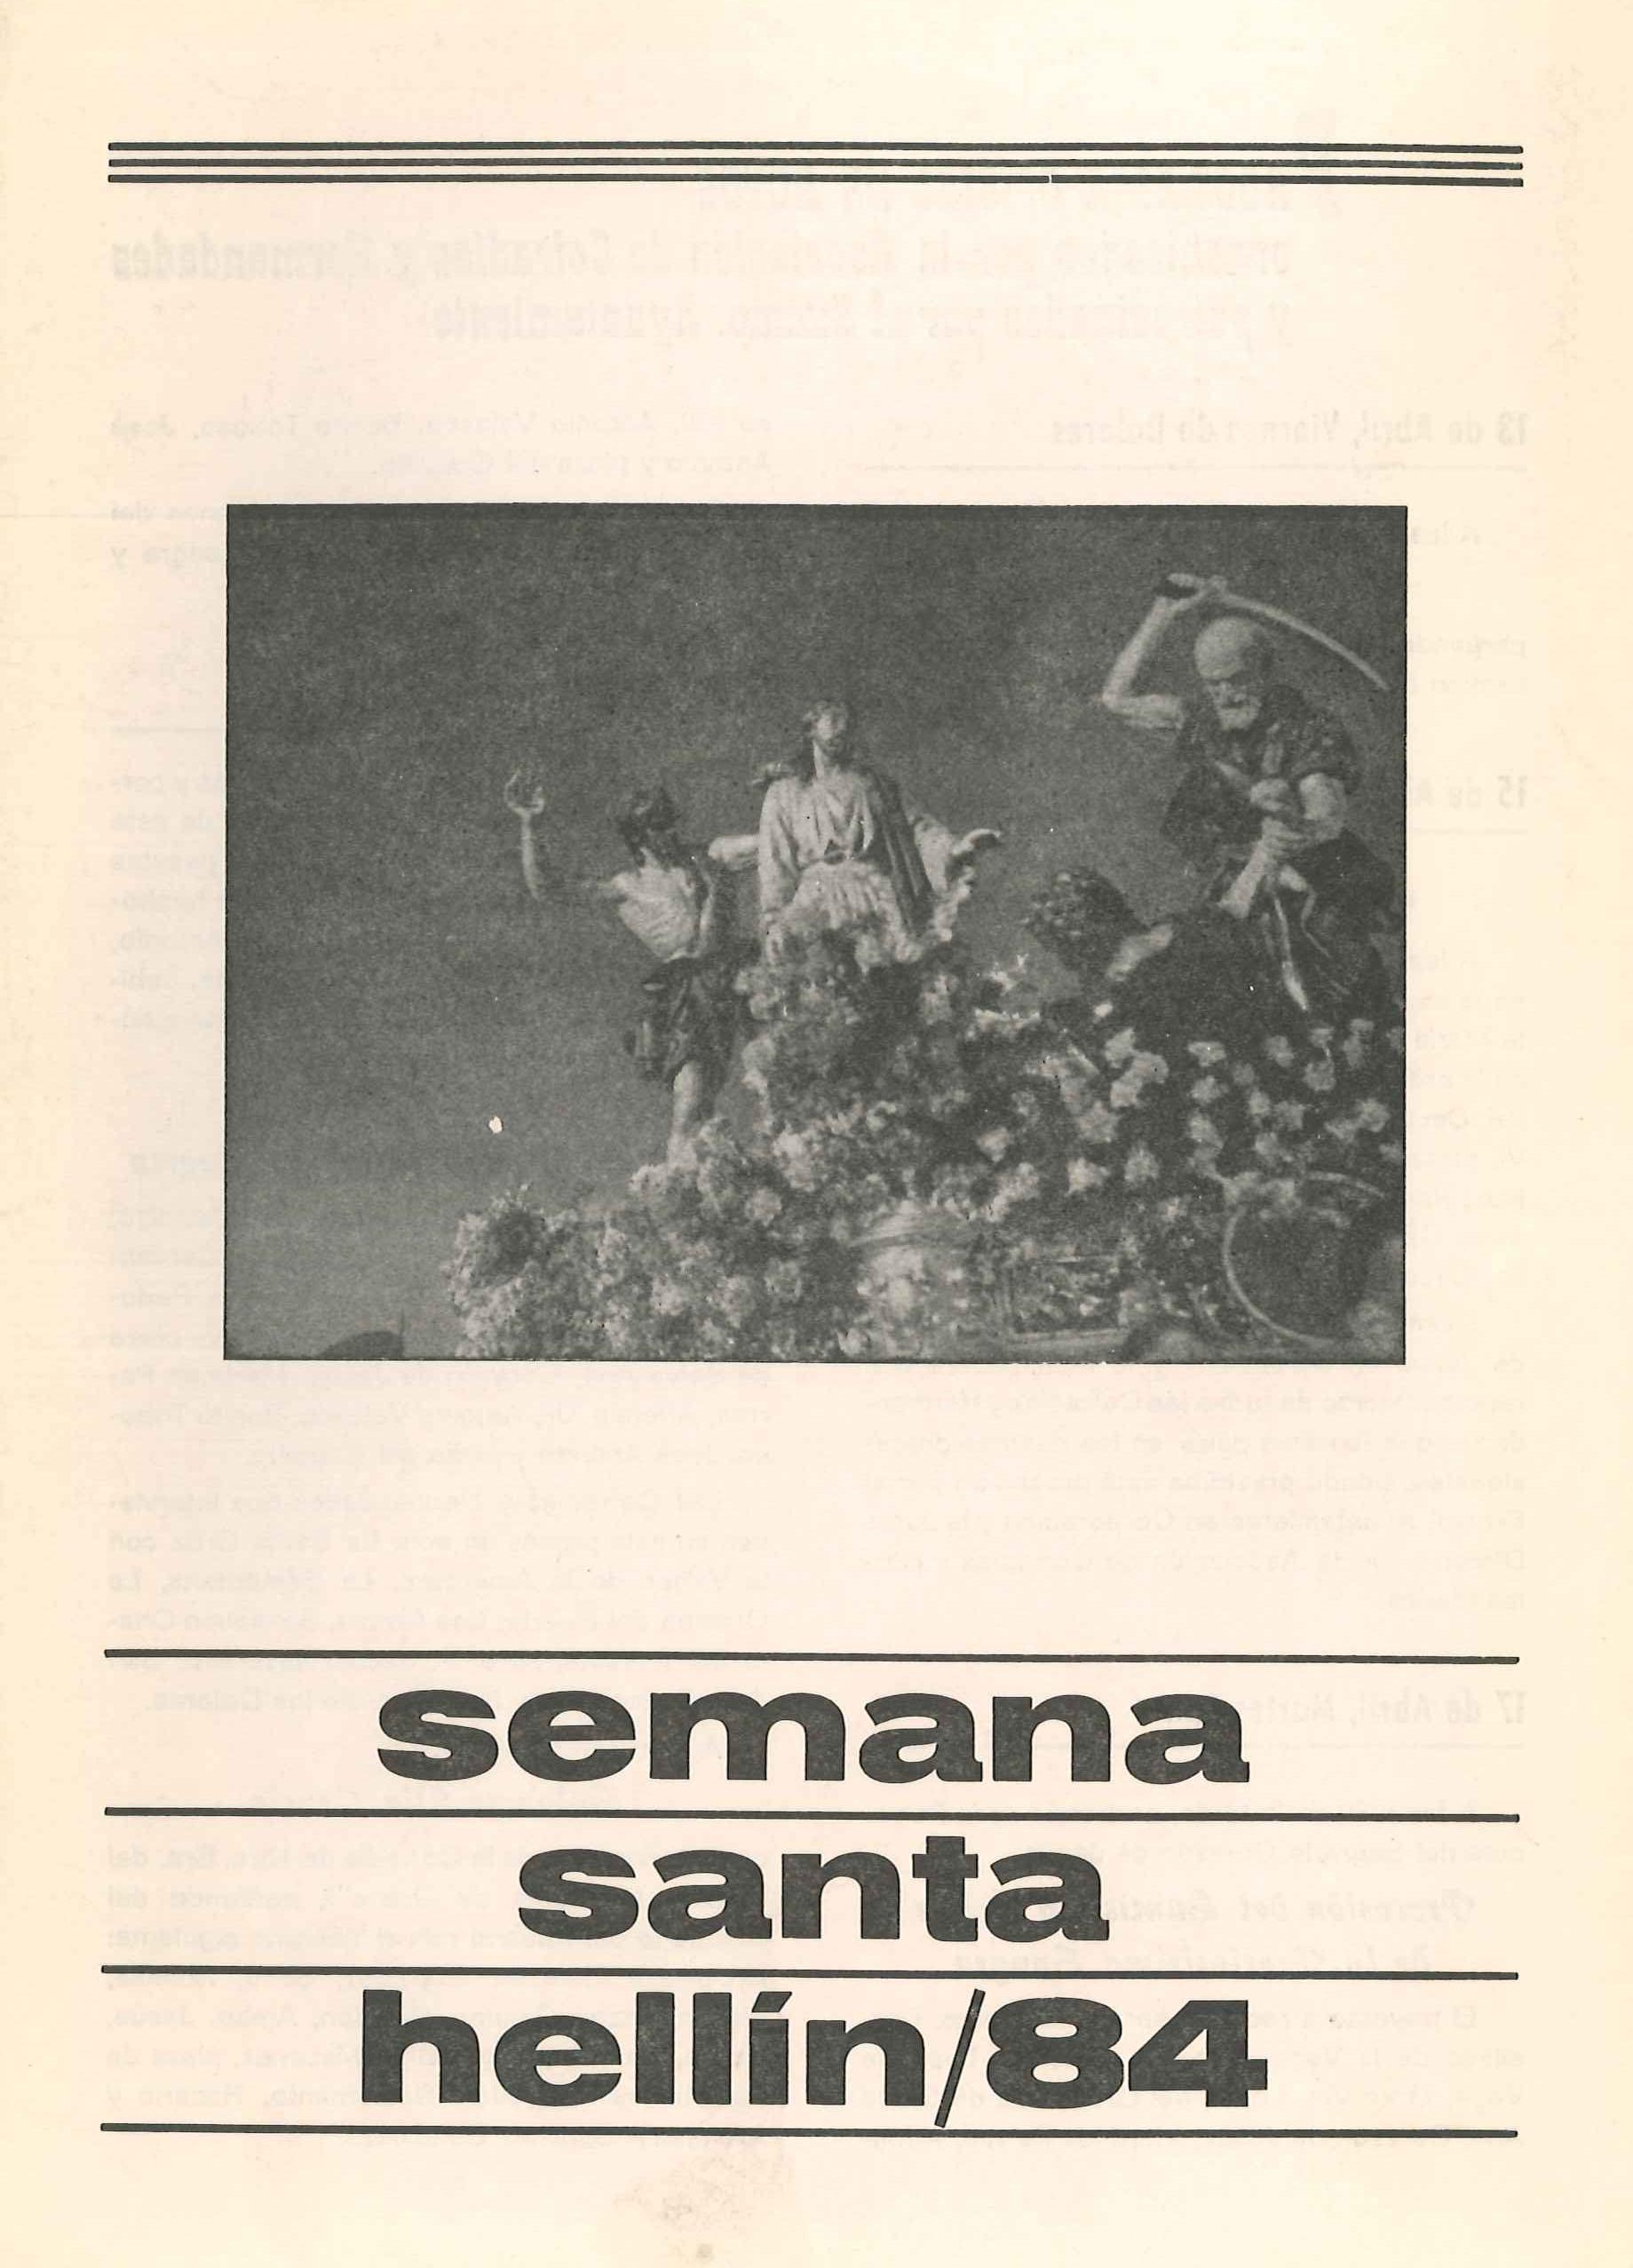 Programa de Actos de Semana Santa de Hellín - 1984